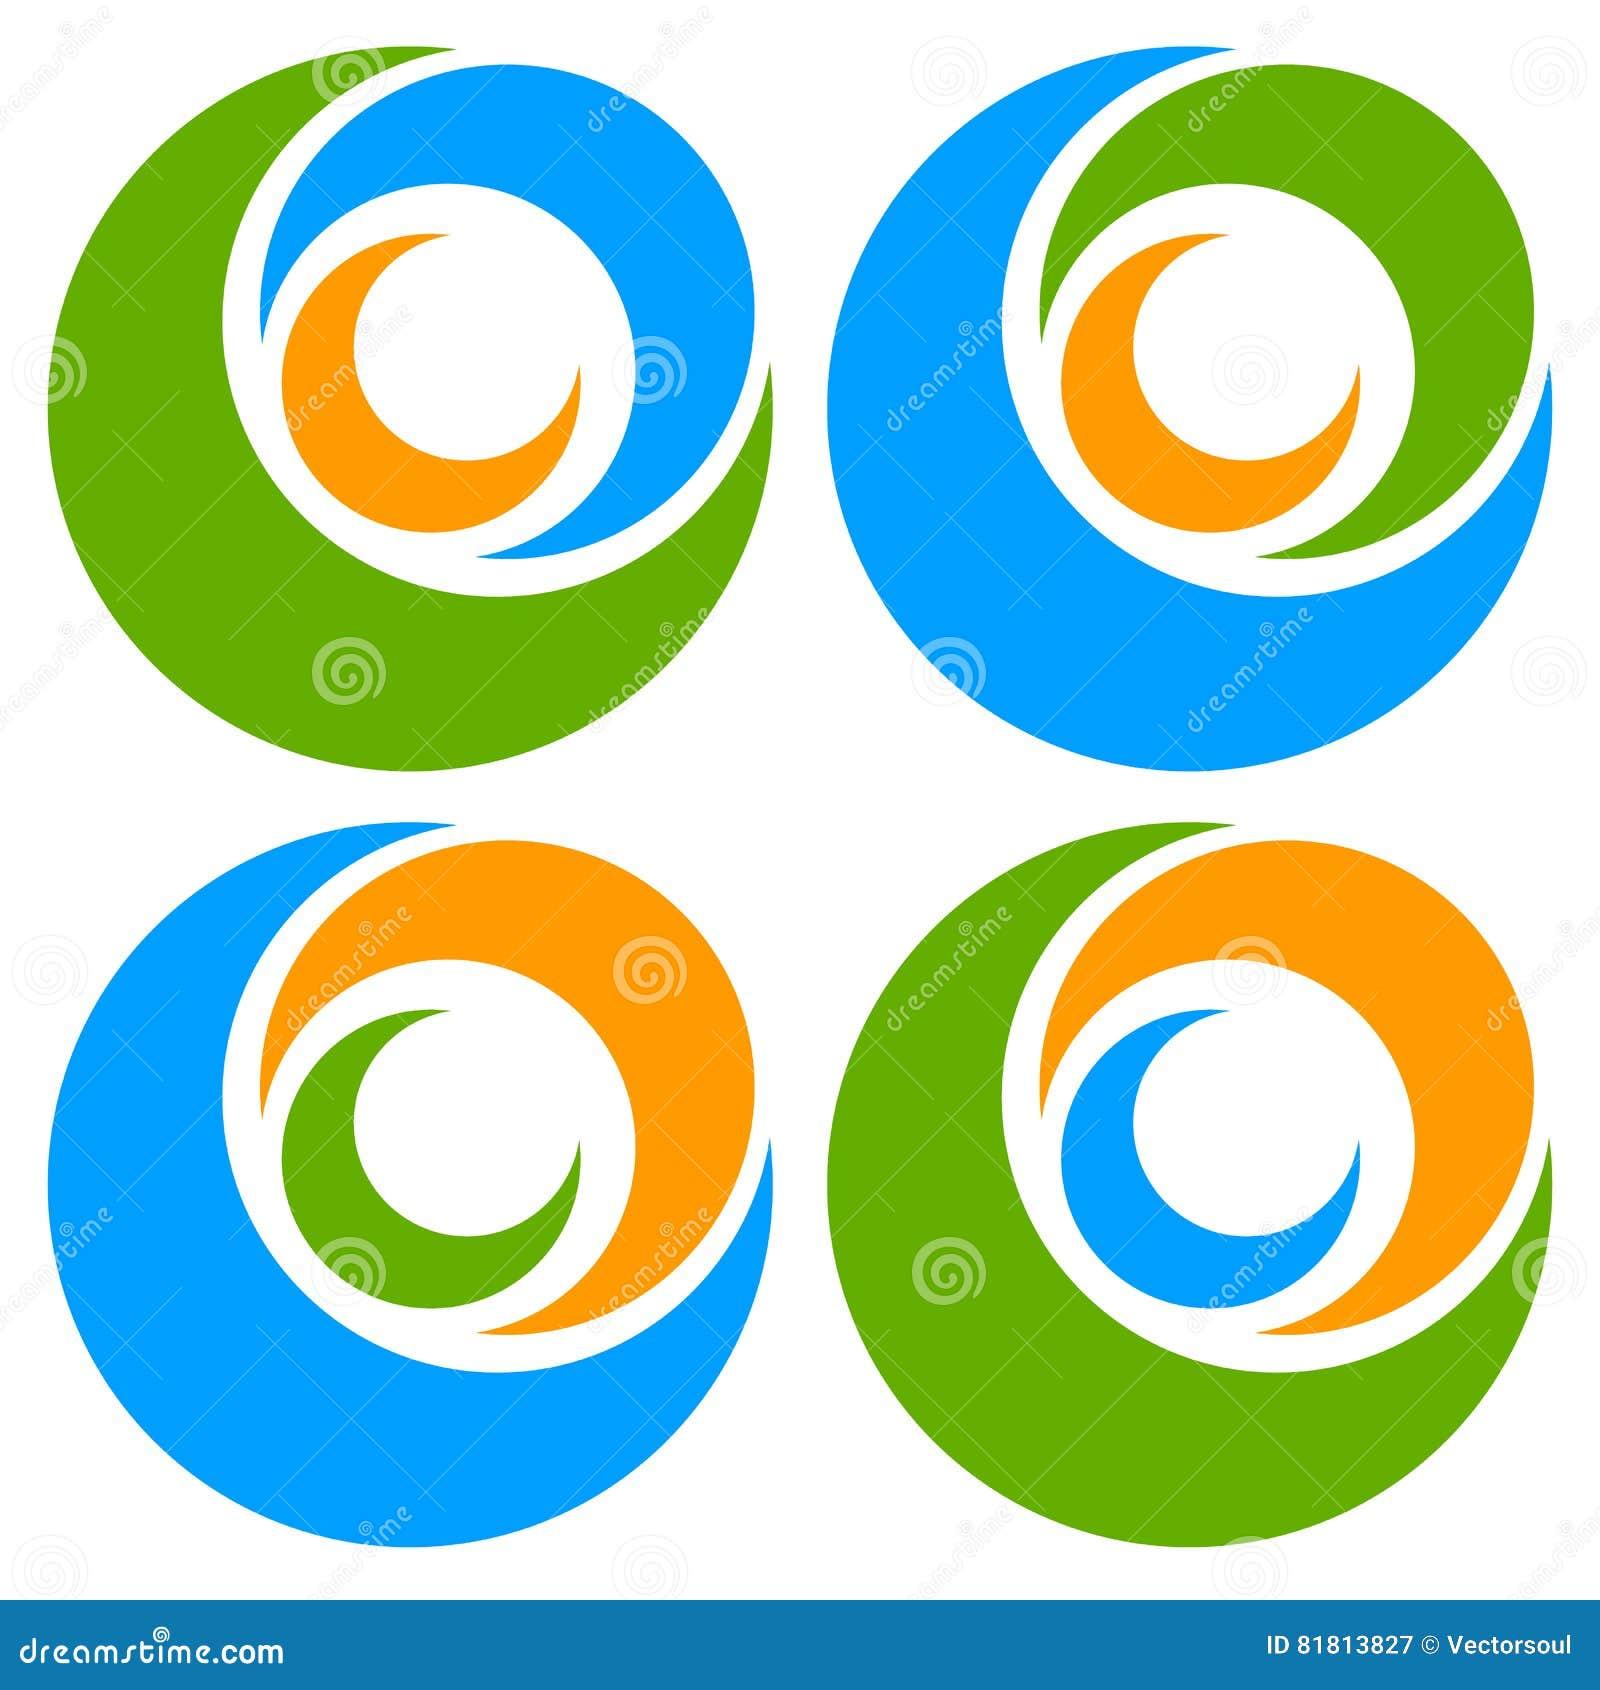 Логотип, форма с 3 кругами - спираль значка, логотип вортекса